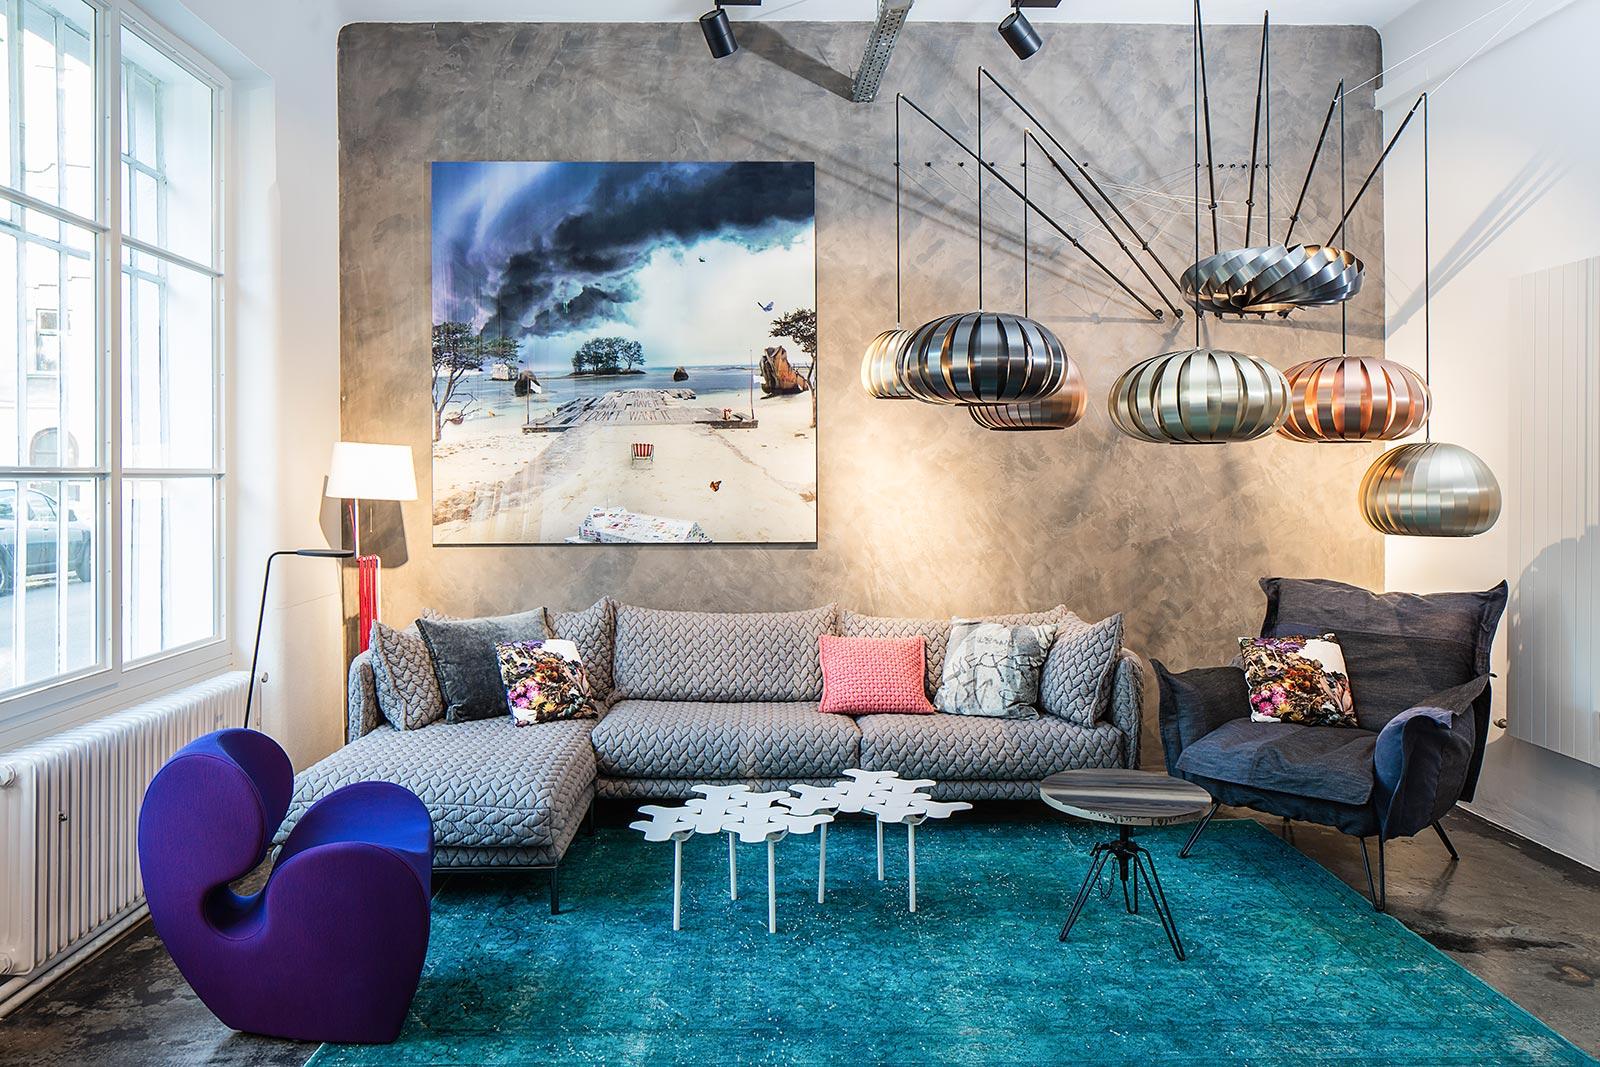 Architektur und Innenarchitektur Fotograf, Moroso im Formdepot, Wien